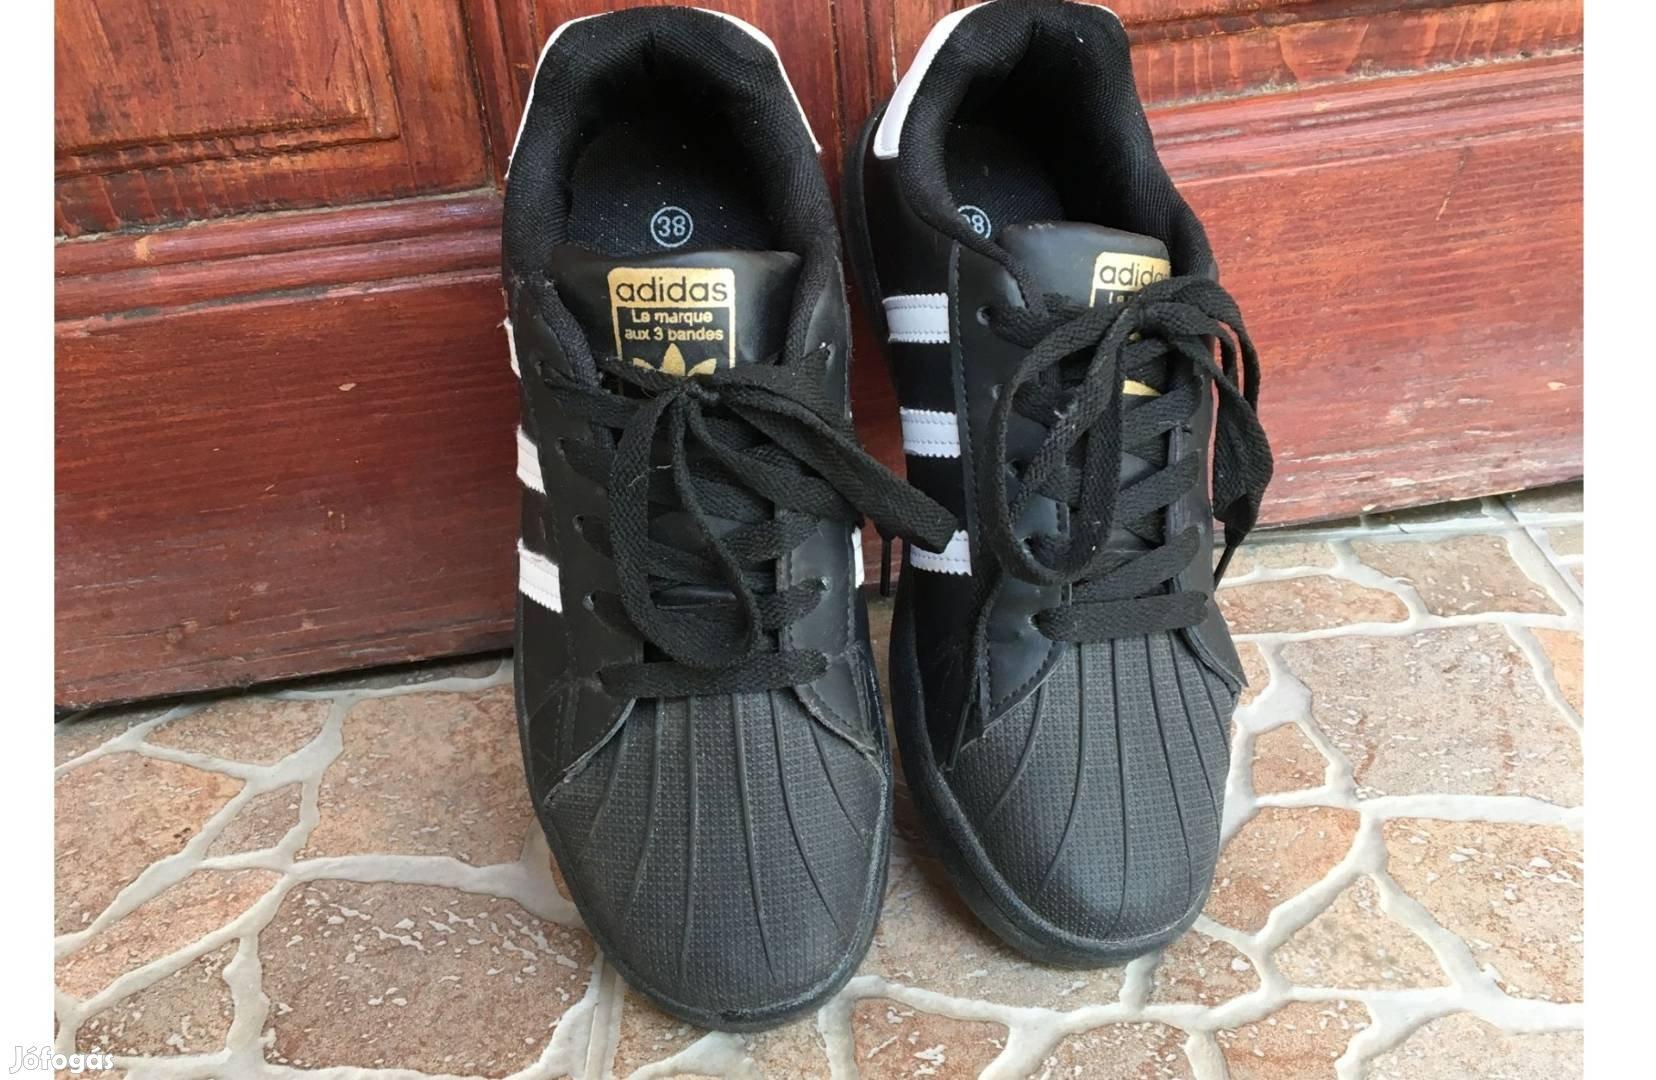 72f0c41927 Fekete-fehér Adidas superstar cipő - Jászdózsa, Jász-Nagykun-Szolnok